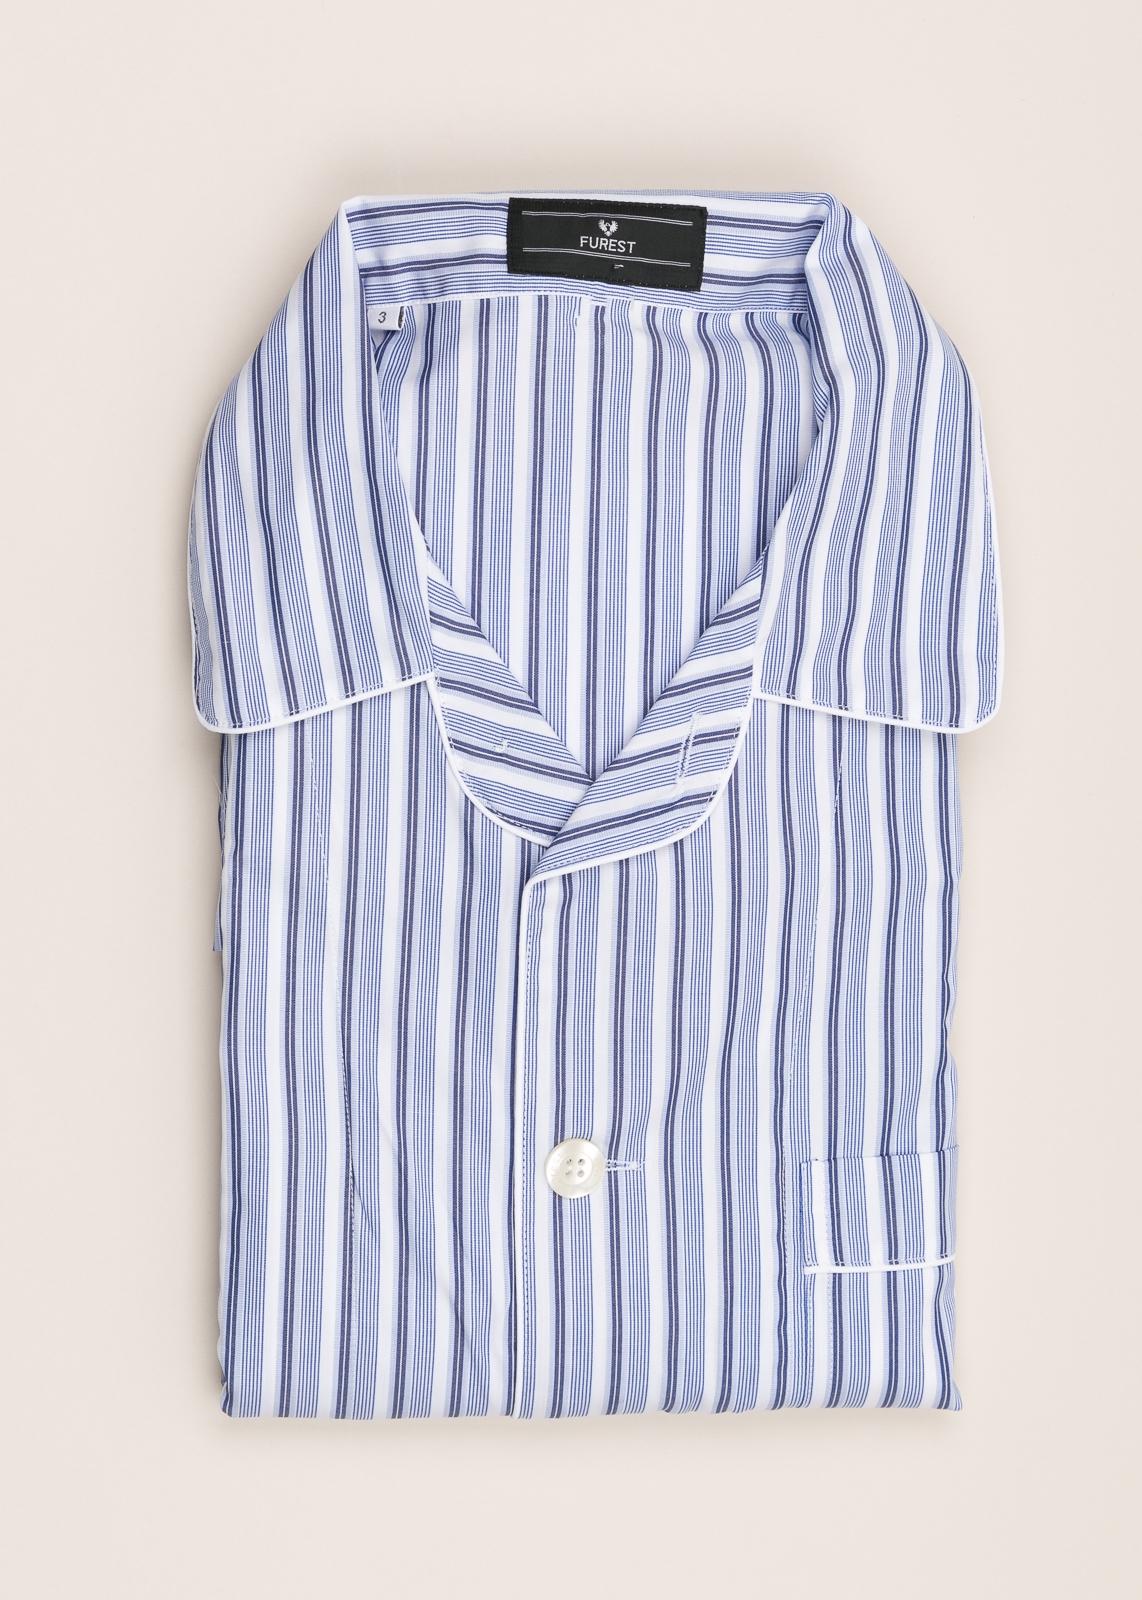 Pijama corto FUREST COLECCIÓN rayas azul